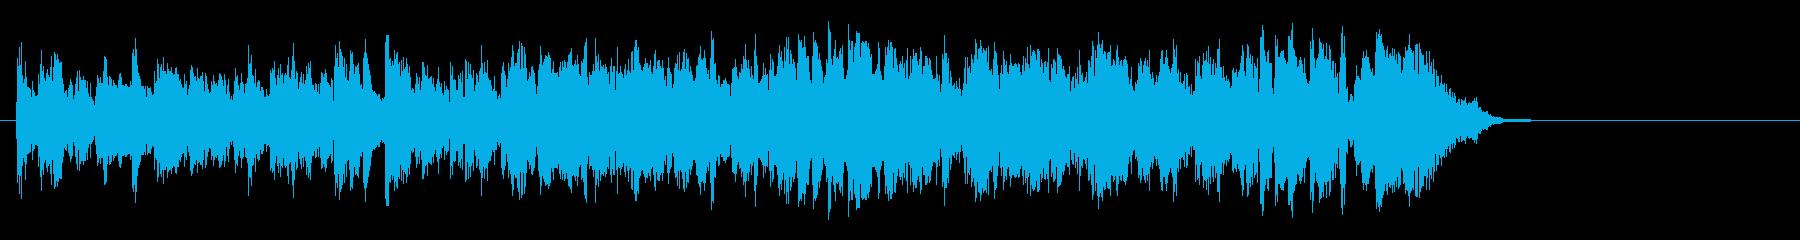 軽快なポップフュージョン(Aメロ)の再生済みの波形